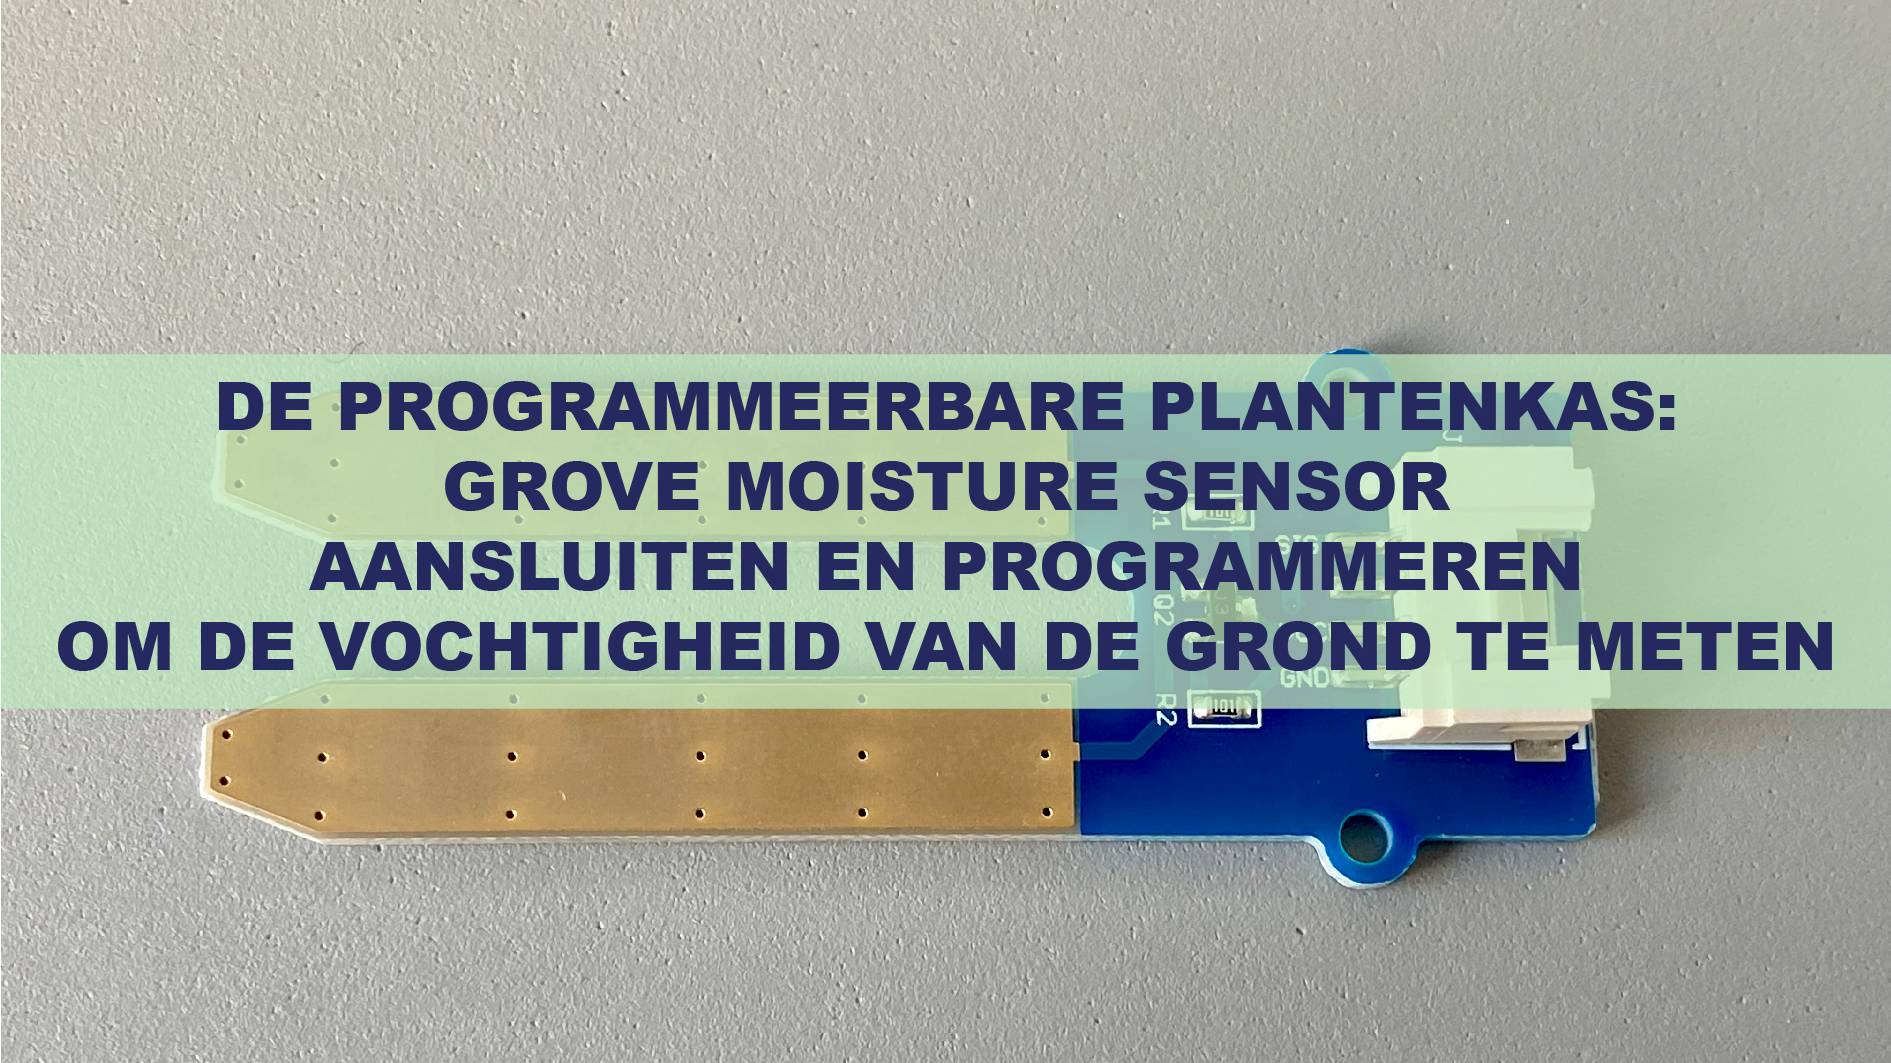 De Programmeerbare Plantenkas: Grove Moisture Sensor Aansluiten En Programmeren Om De Vochtigheid Van De Grond Te Meten